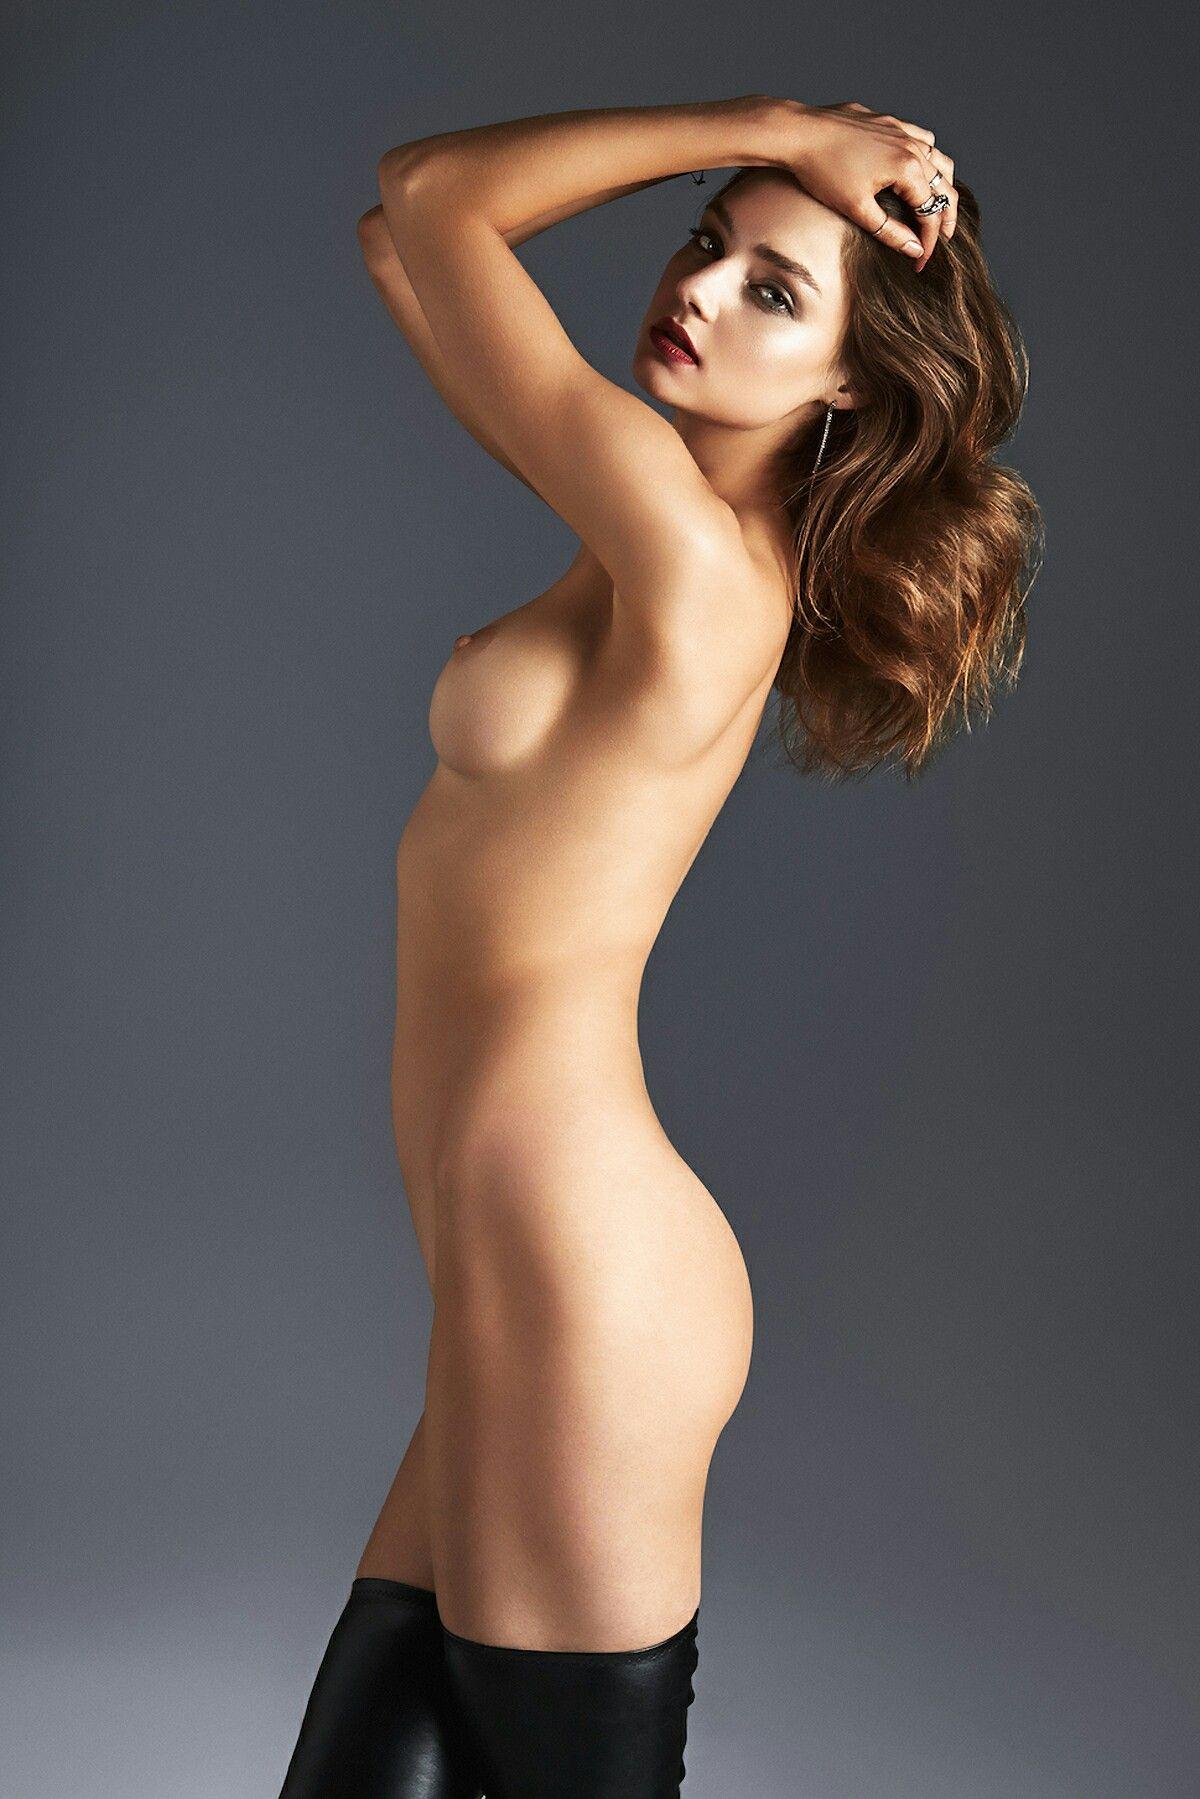 Erotica Suttin Suicide nudes (77 photo), Sexy, Bikini, Feet, in bikini 2015